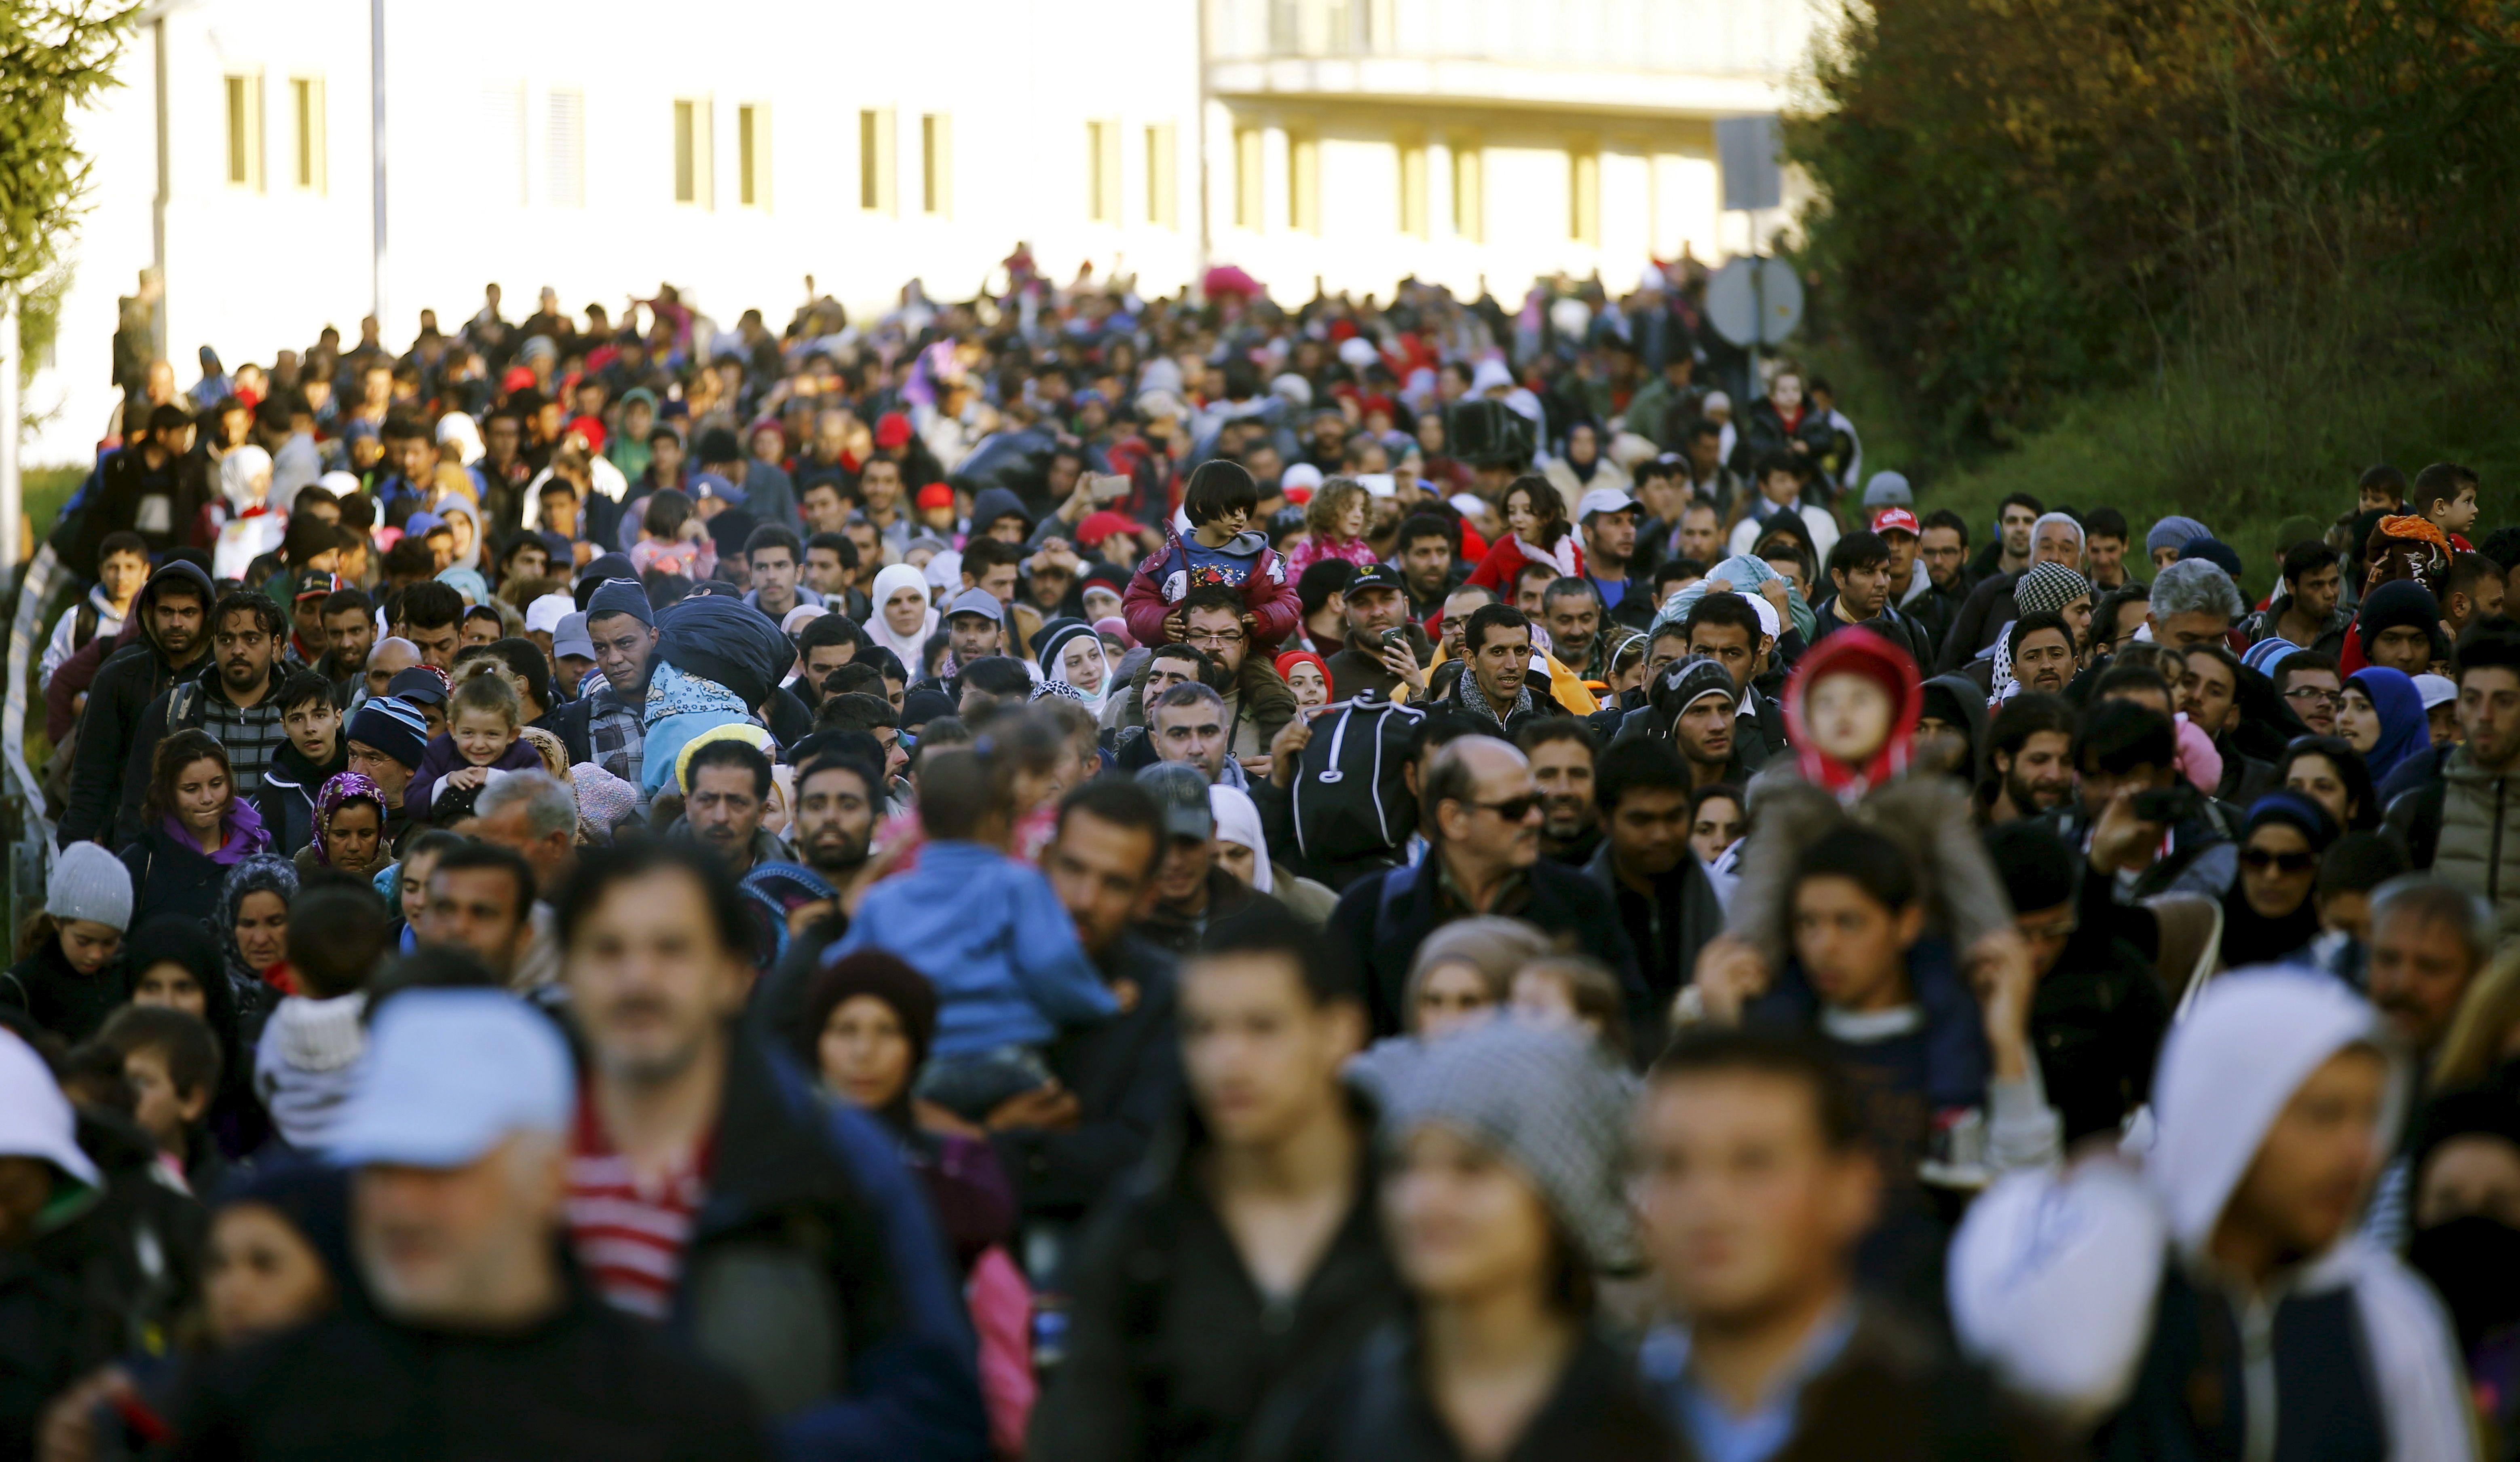 L'arrivée de migrants s'accompagne de nombreuses tensions en Europe.